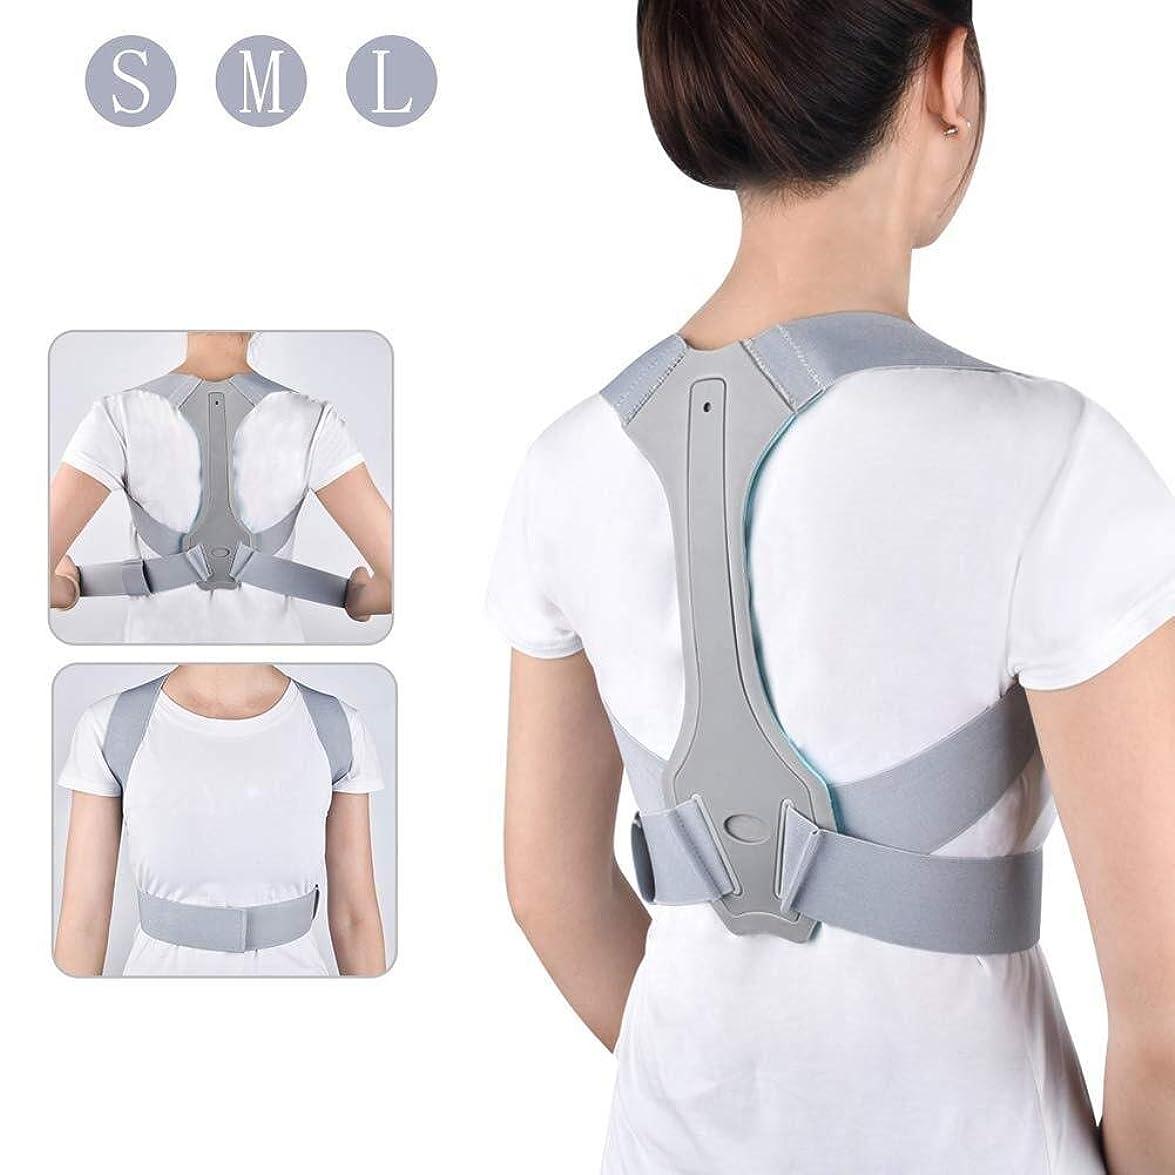 望み無視できるスクラップ男性と女性のための姿勢補正器、胸部後phおよび肩首の痛みの軽減のための調節可能な上背部肩姿勢トレーナー脊椎矯正 (Size : Large)